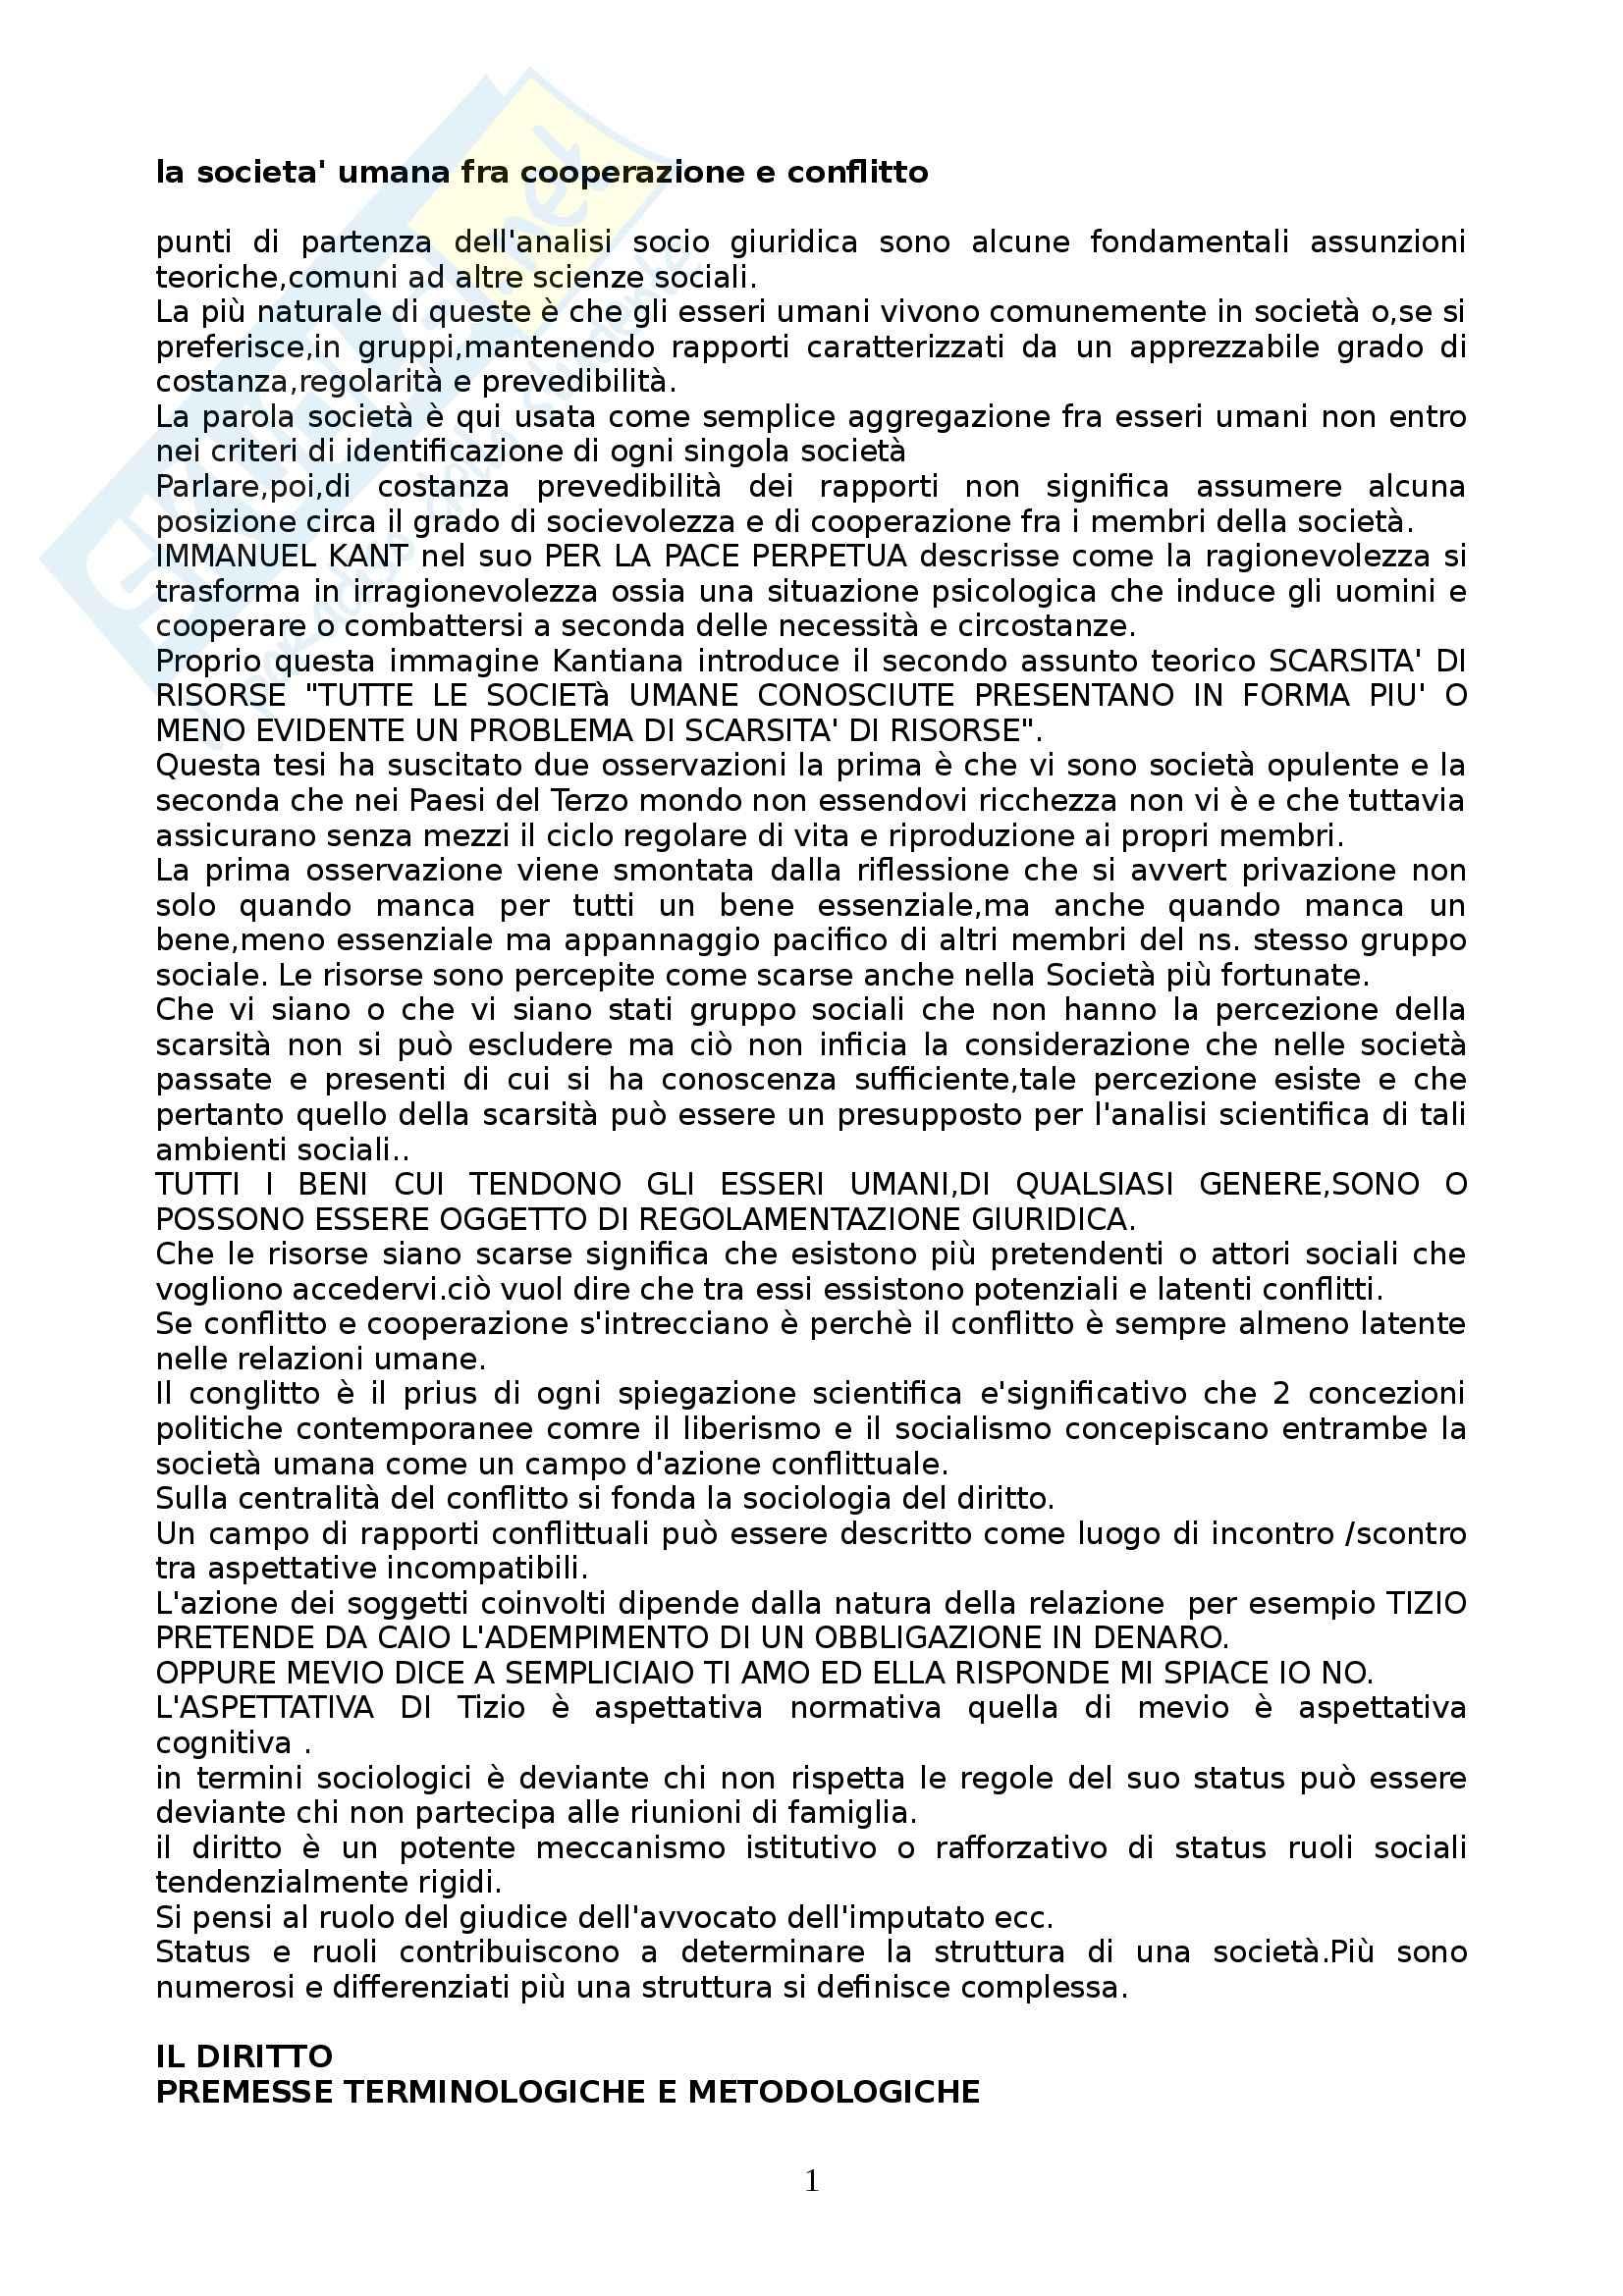 Riassunto esame Sociologia del diritto, prof. Pannarale, libro consigliato Prima lezione di sociologia del diritto, Ferrari